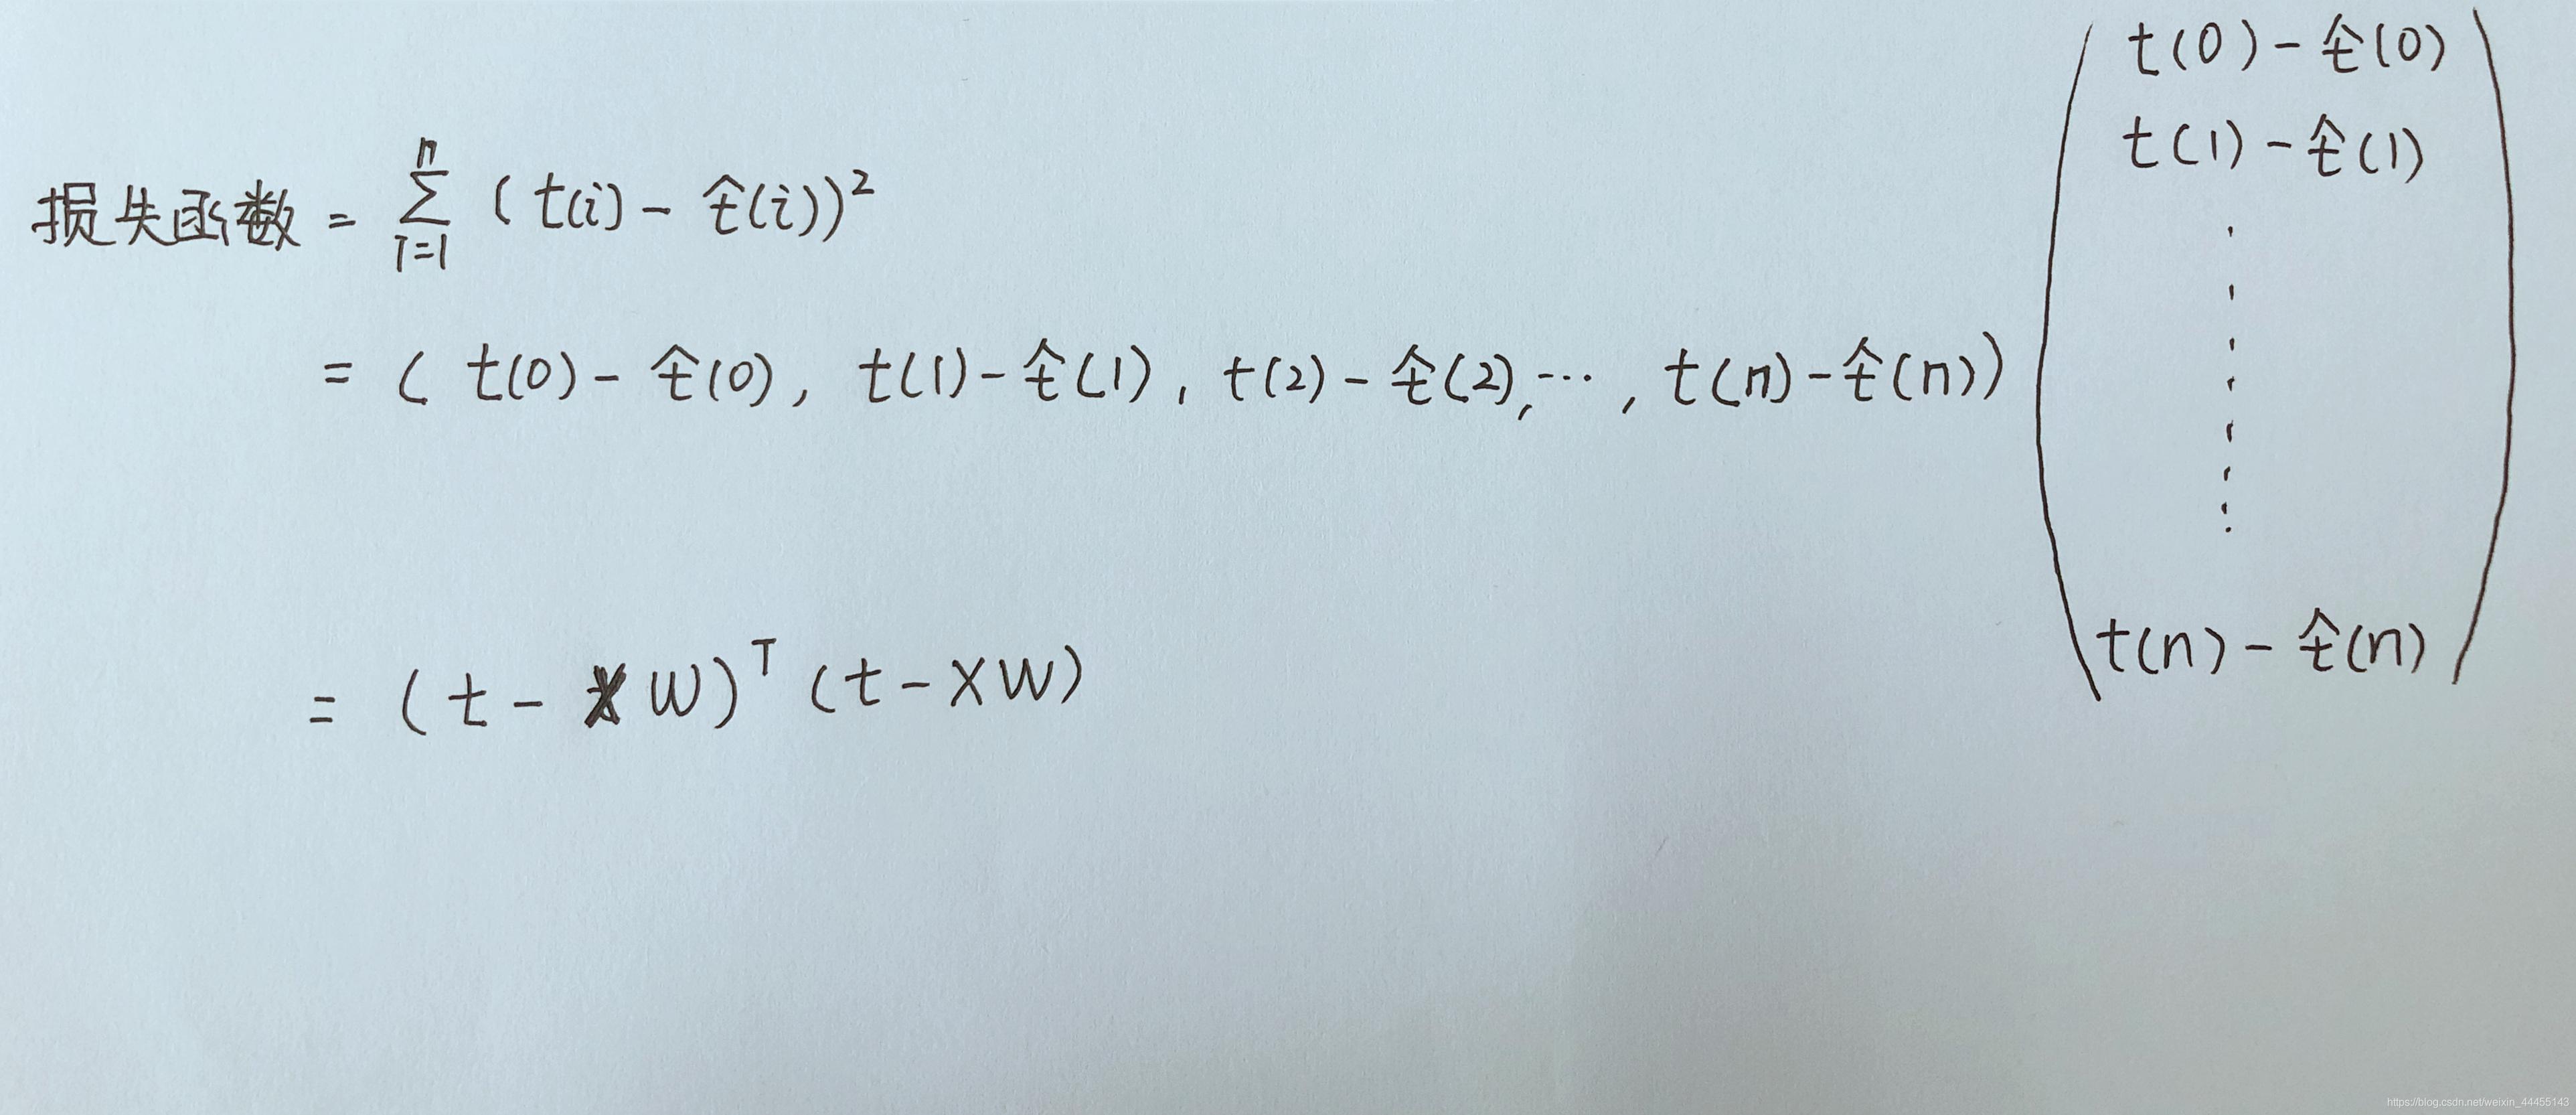 损失函数变形1